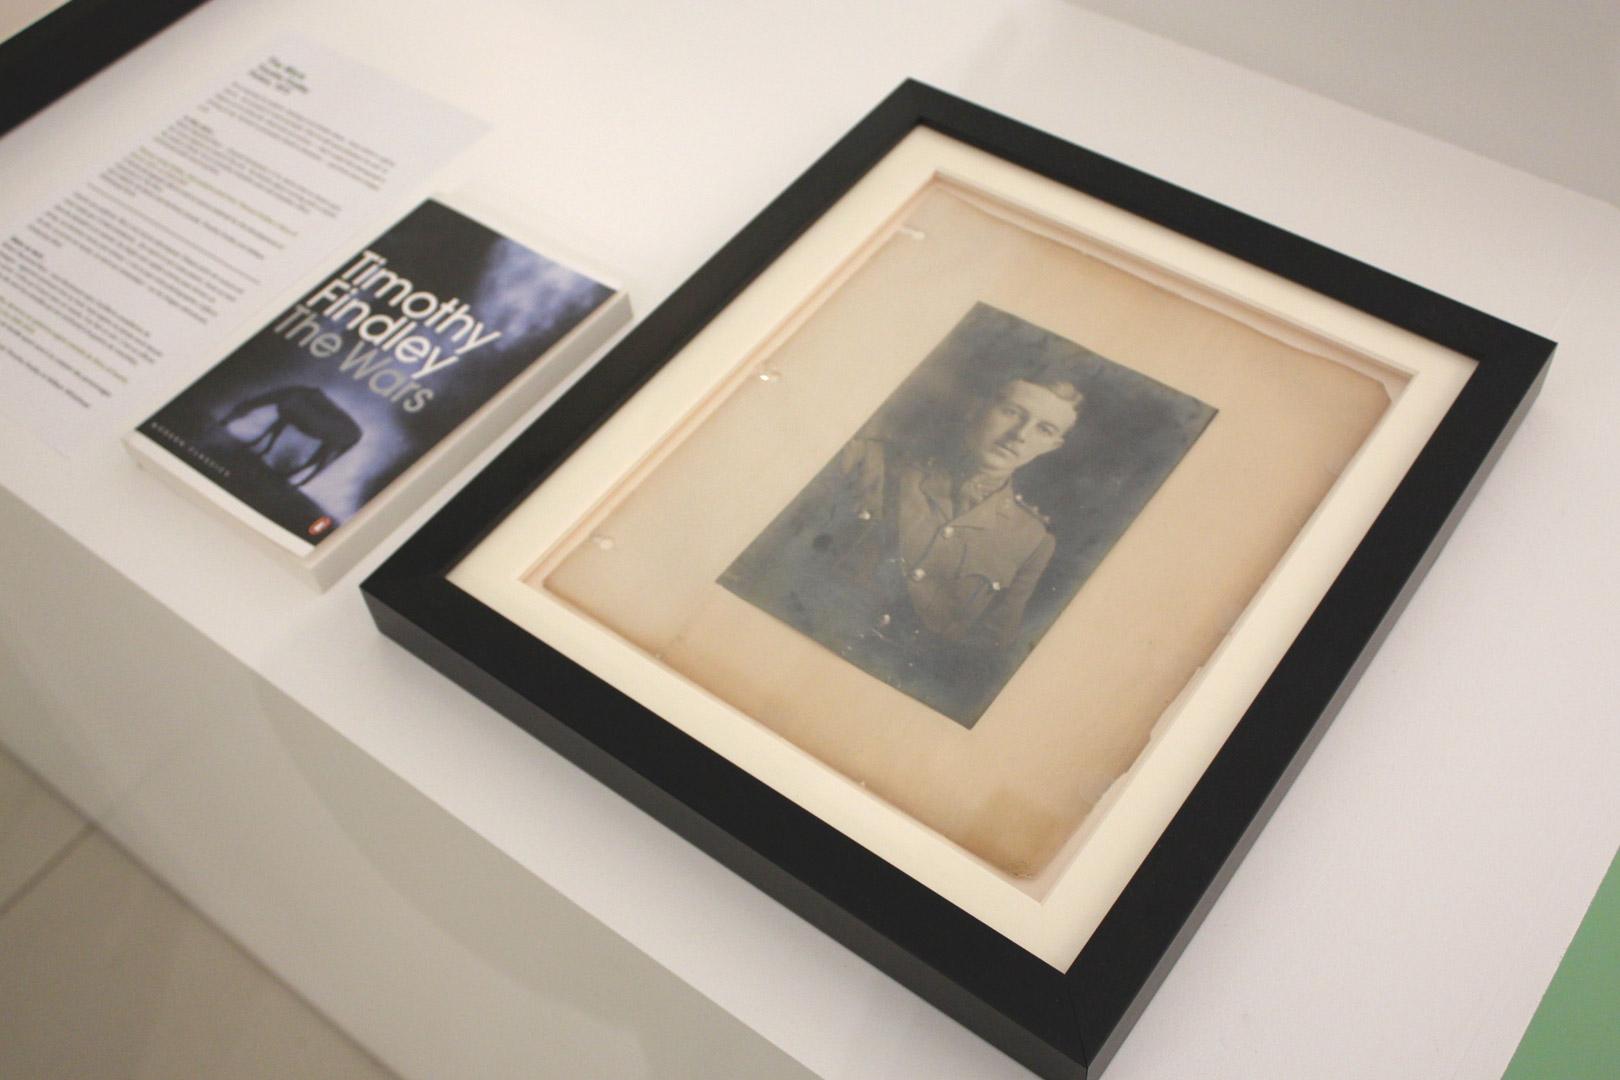 Une épreuve à la gélatine argentique de Thomas Irving Findley, tiré d'un album de photographies de famille ayant servi à la création du roman « The Wars » de Timothy Findley.